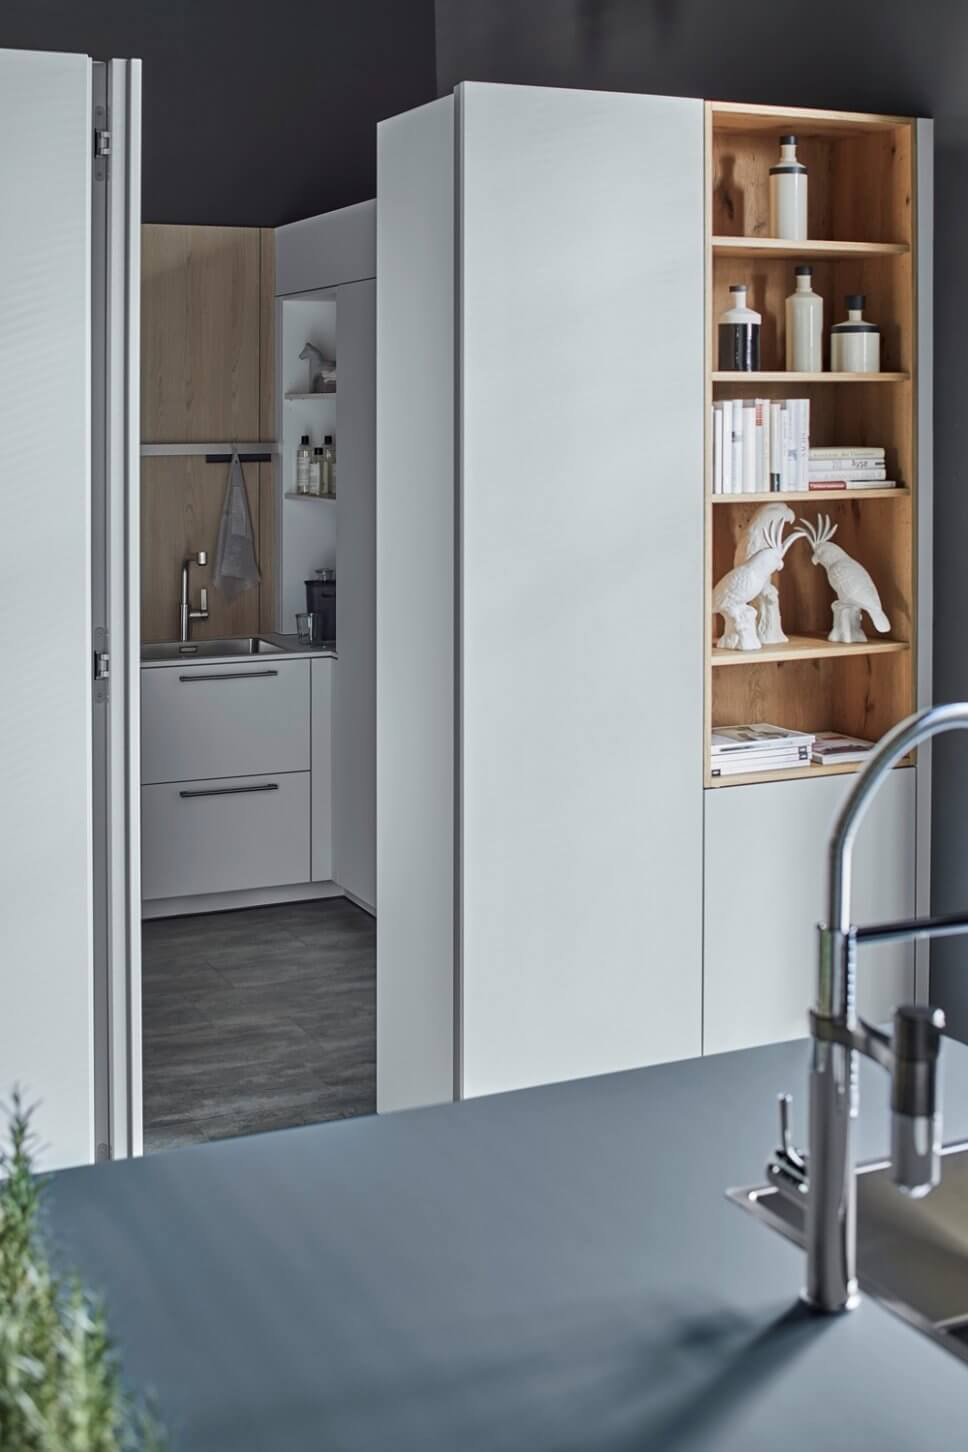 Moderne offene Küche als Raum im Raum-Konzept mit integrierter Speisekammer und Kücheninsel